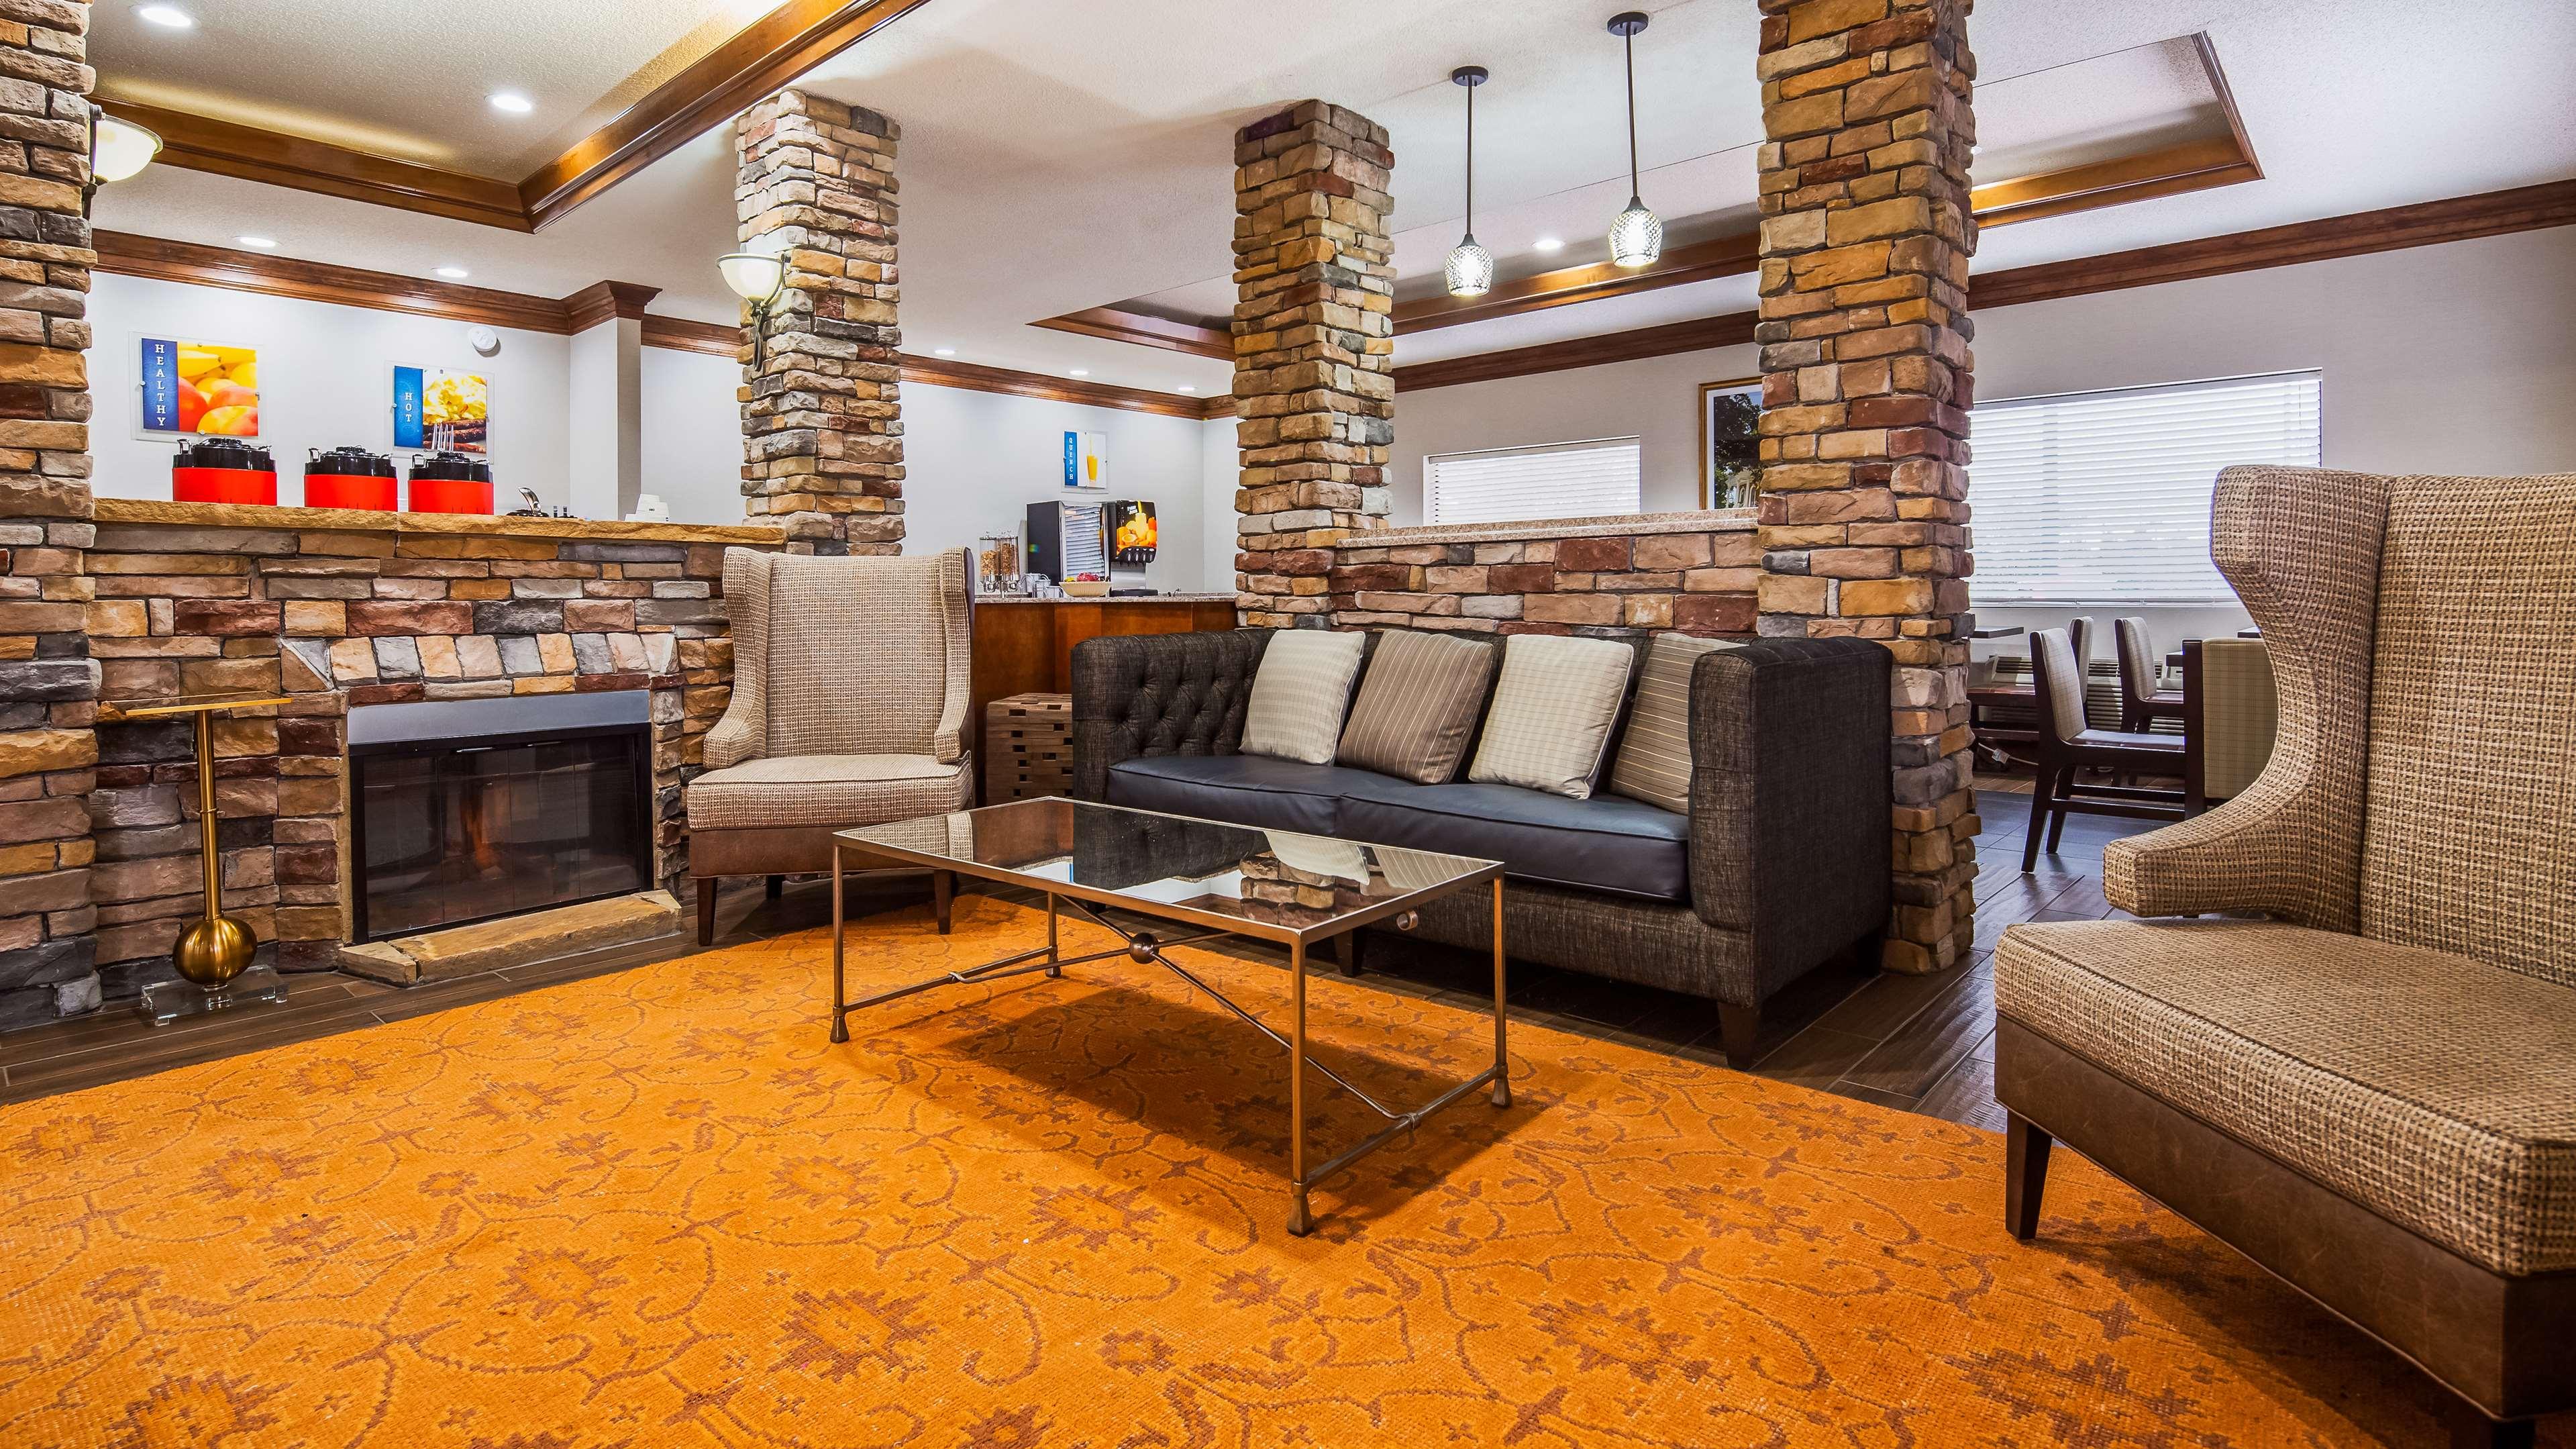 Best Western Inn & Suites image 3